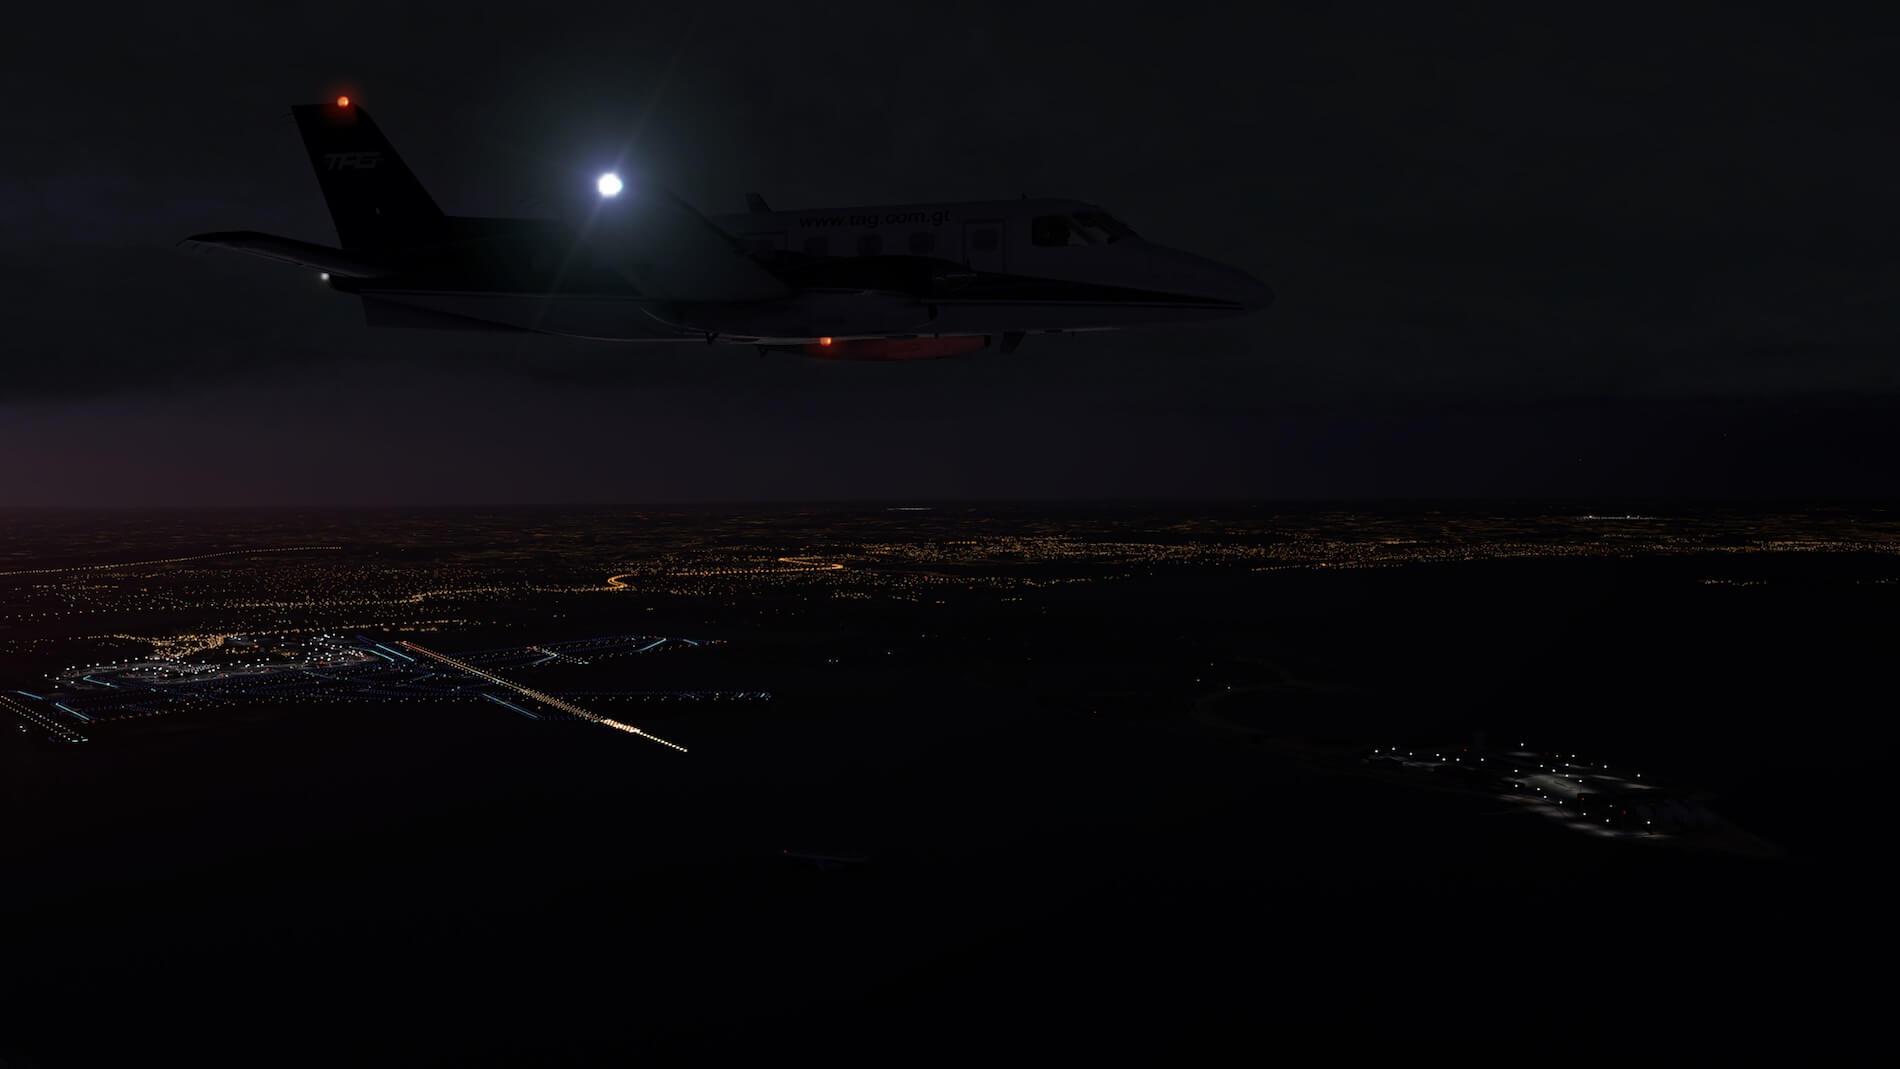 Embraer EMB 110 … nickname Bandeirante0 Comments